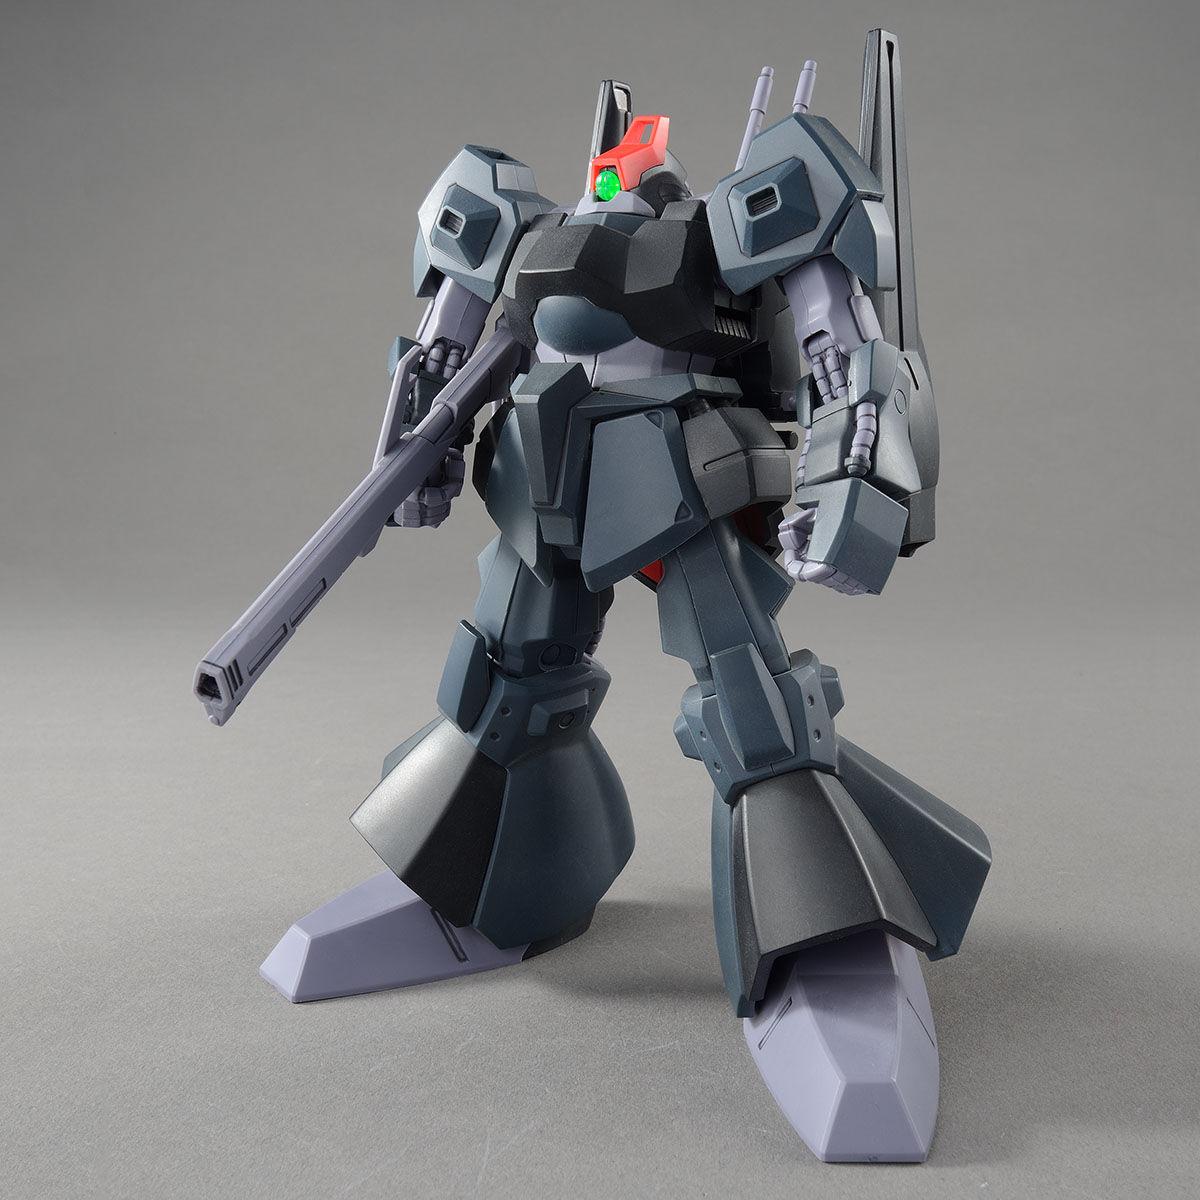 【限定販売】HG 1/144『リック・ディアス』機動戦士Zガンダム プラモデル-002